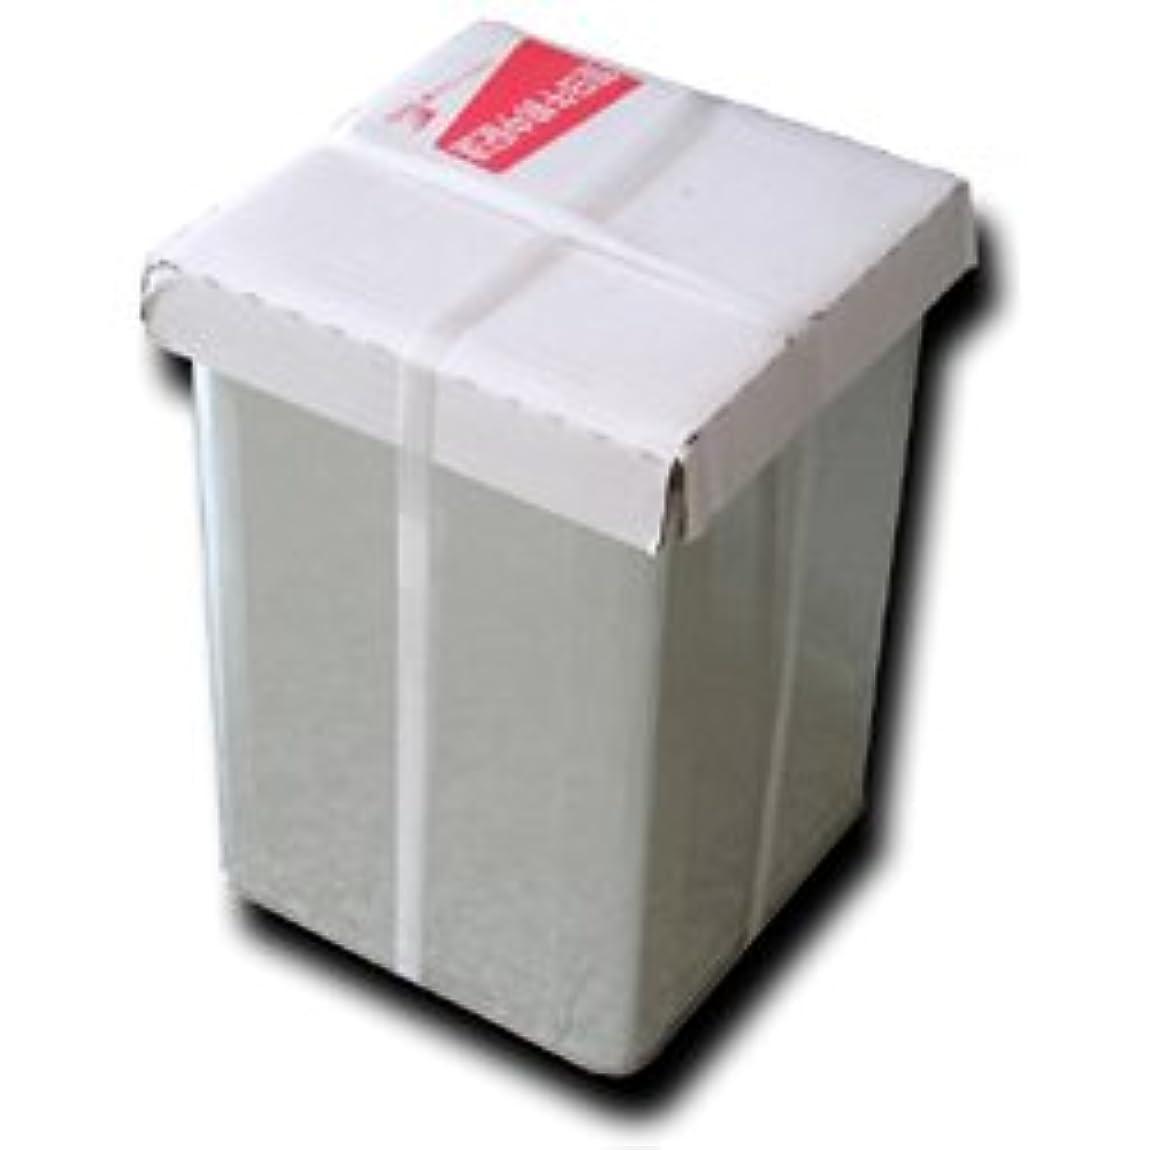 法律農業の尽きる業務用 DHA油 ドコサヘキサエン酸 16kg×1缶 卸用